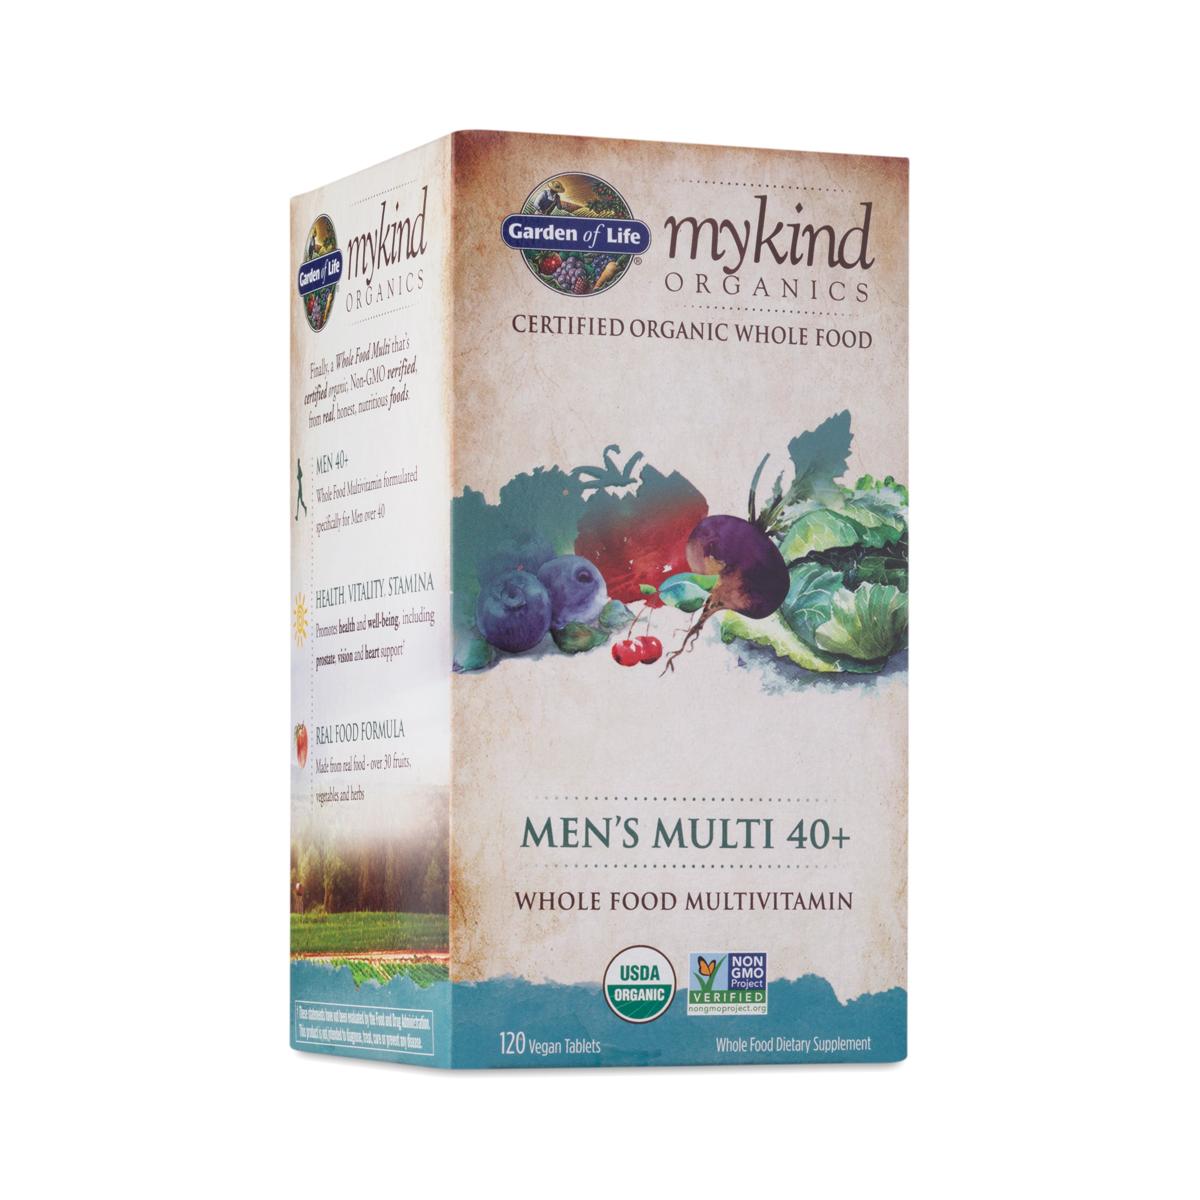 Mykind organics men s multivitamin 40 thrive market - Garden of life multivitamin for men ...